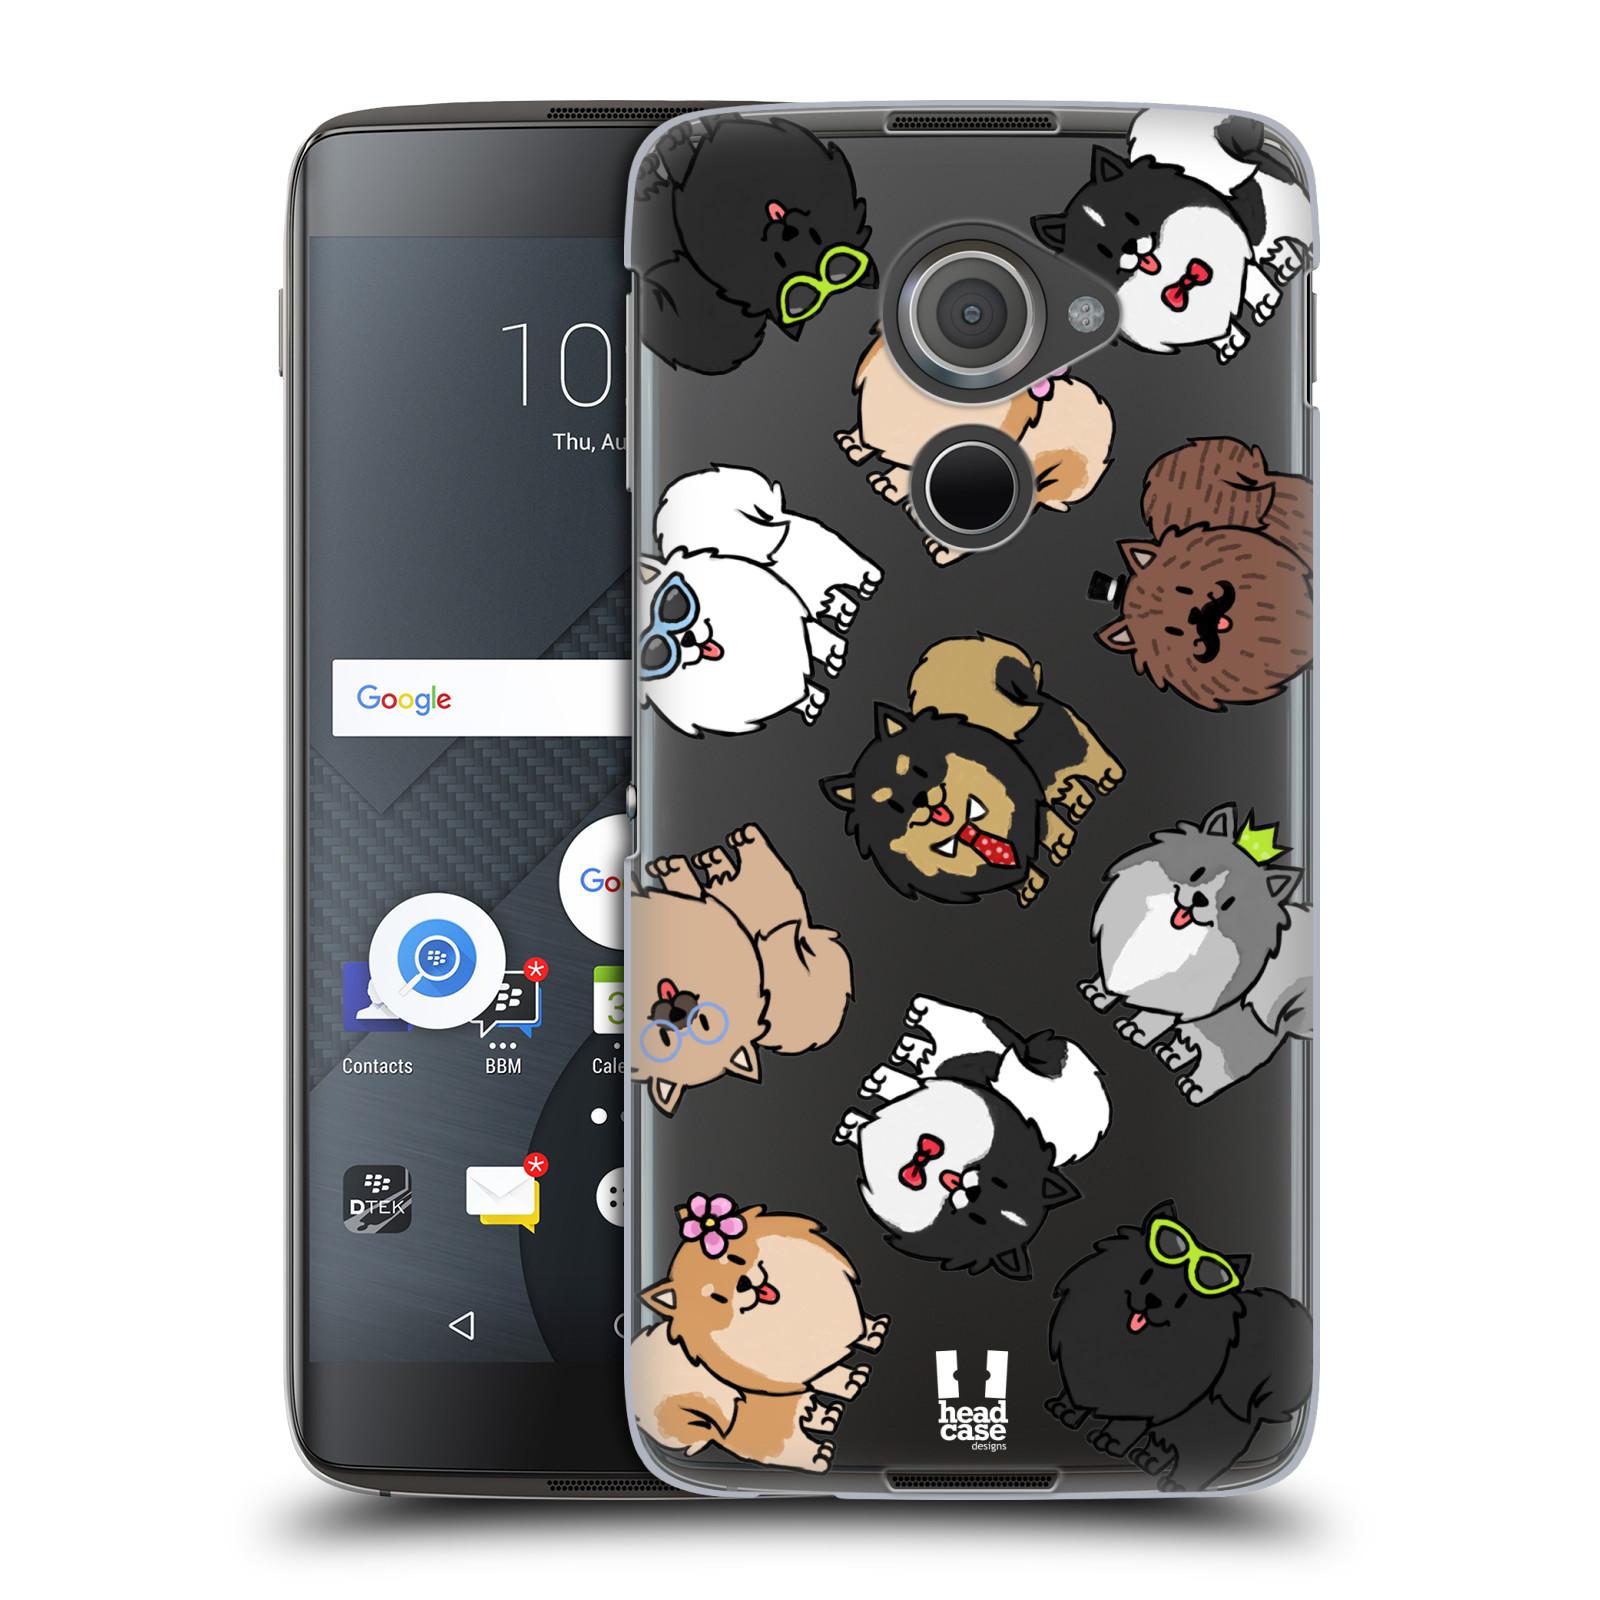 Plastové pouzdro na mobil Blackberry DTEK60 (Argon) - Head Case - Špic - Pomeranian (Plastový kryt či obal na mobilní telefon s motivem špice pro Blackberry DTEK60 (Argon))